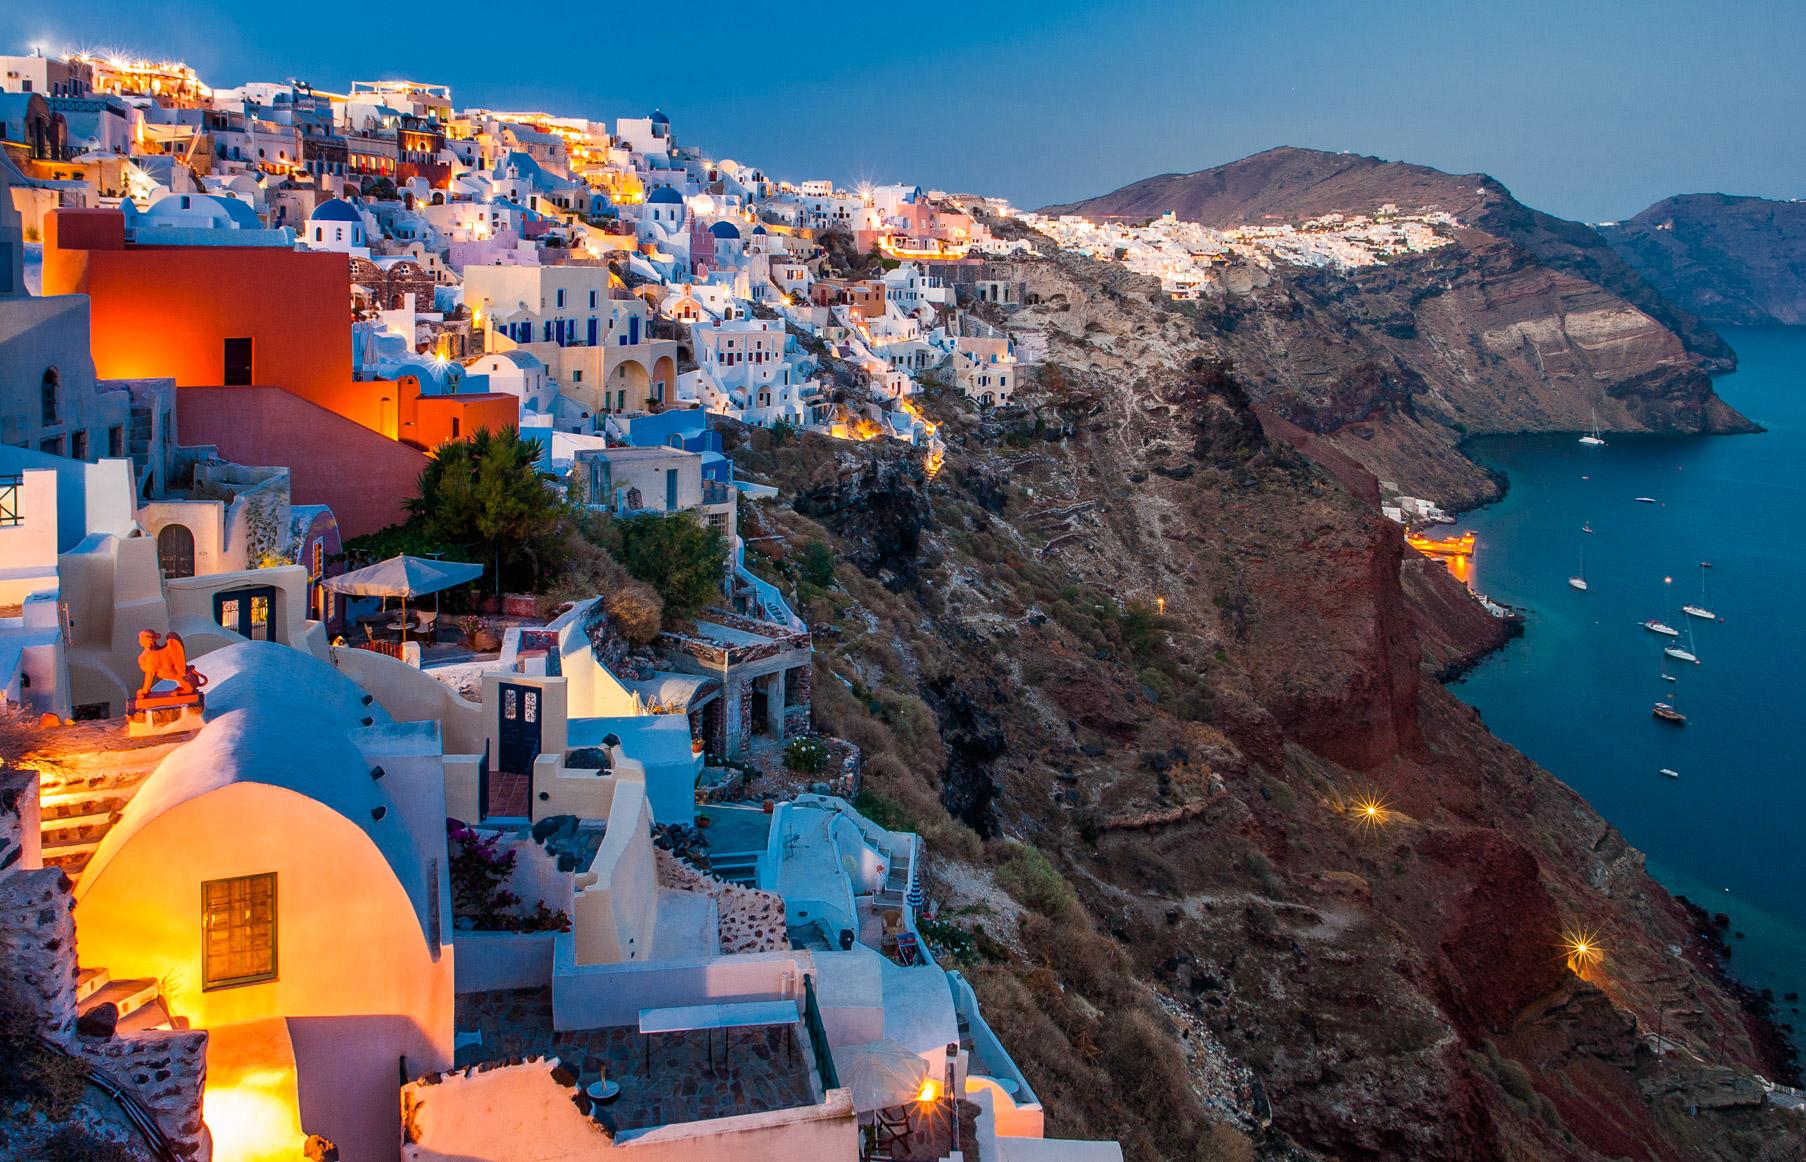 Санторини признан самым очаровательным островом в мире. Кто следующий?